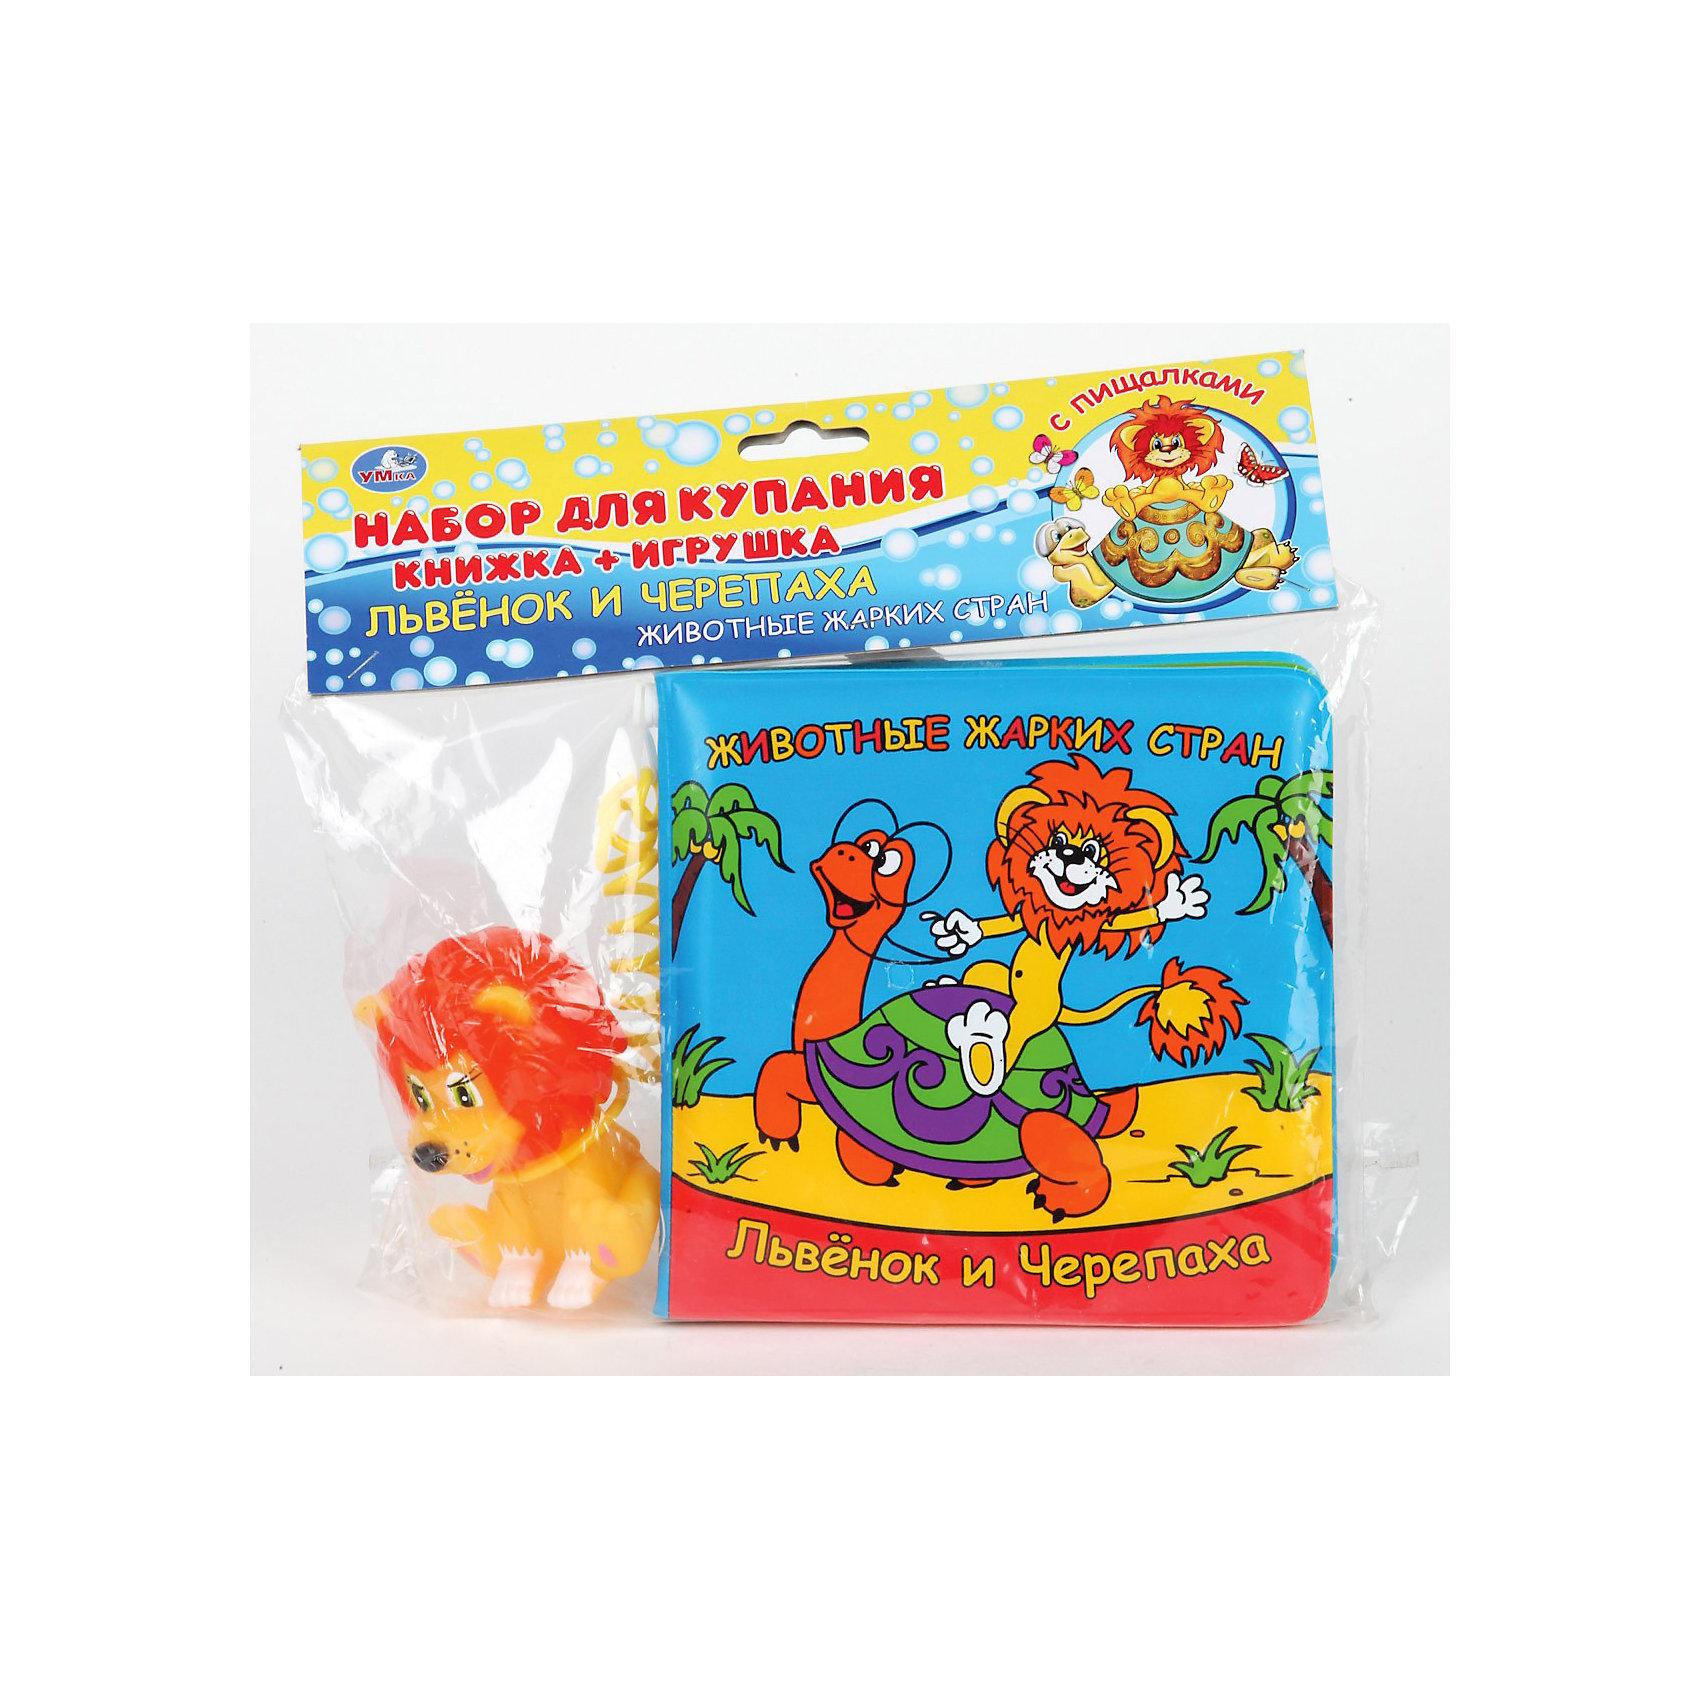 Книга для ванной с игрушкой Животные жарких стран,  Львёнок и Черепаха, УмкаКнига для ванны с игрушкой Животные жарких стран,  Львёнок и Черепаха, Умка станет прекрасным подарком Вашему малышу и Вам. Никаких слез - только развлечения и обучение! Вашего малыша больше не придется уговаривать купаться!<br><br>Дополнительная информация:<br><br>Книга ПВХ с игрушкой  на пластиковом на пружине.<br>Лутикова И.-редактор-составитель / книга для ванны<br>150х150х8<br>Батарейки входят в комплект, не меняются.<br><br>Станет прекрасным развивающим развлечением для Вашего малыша!<br>Легко приобрести в нашем интернет-магазине!<br><br>Ширина мм: 140<br>Глубина мм: 140<br>Высота мм: 8<br>Вес г: 90<br>Возраст от месяцев: 0<br>Возраст до месяцев: 36<br>Пол: Унисекс<br>Возраст: Детский<br>SKU: 3363197